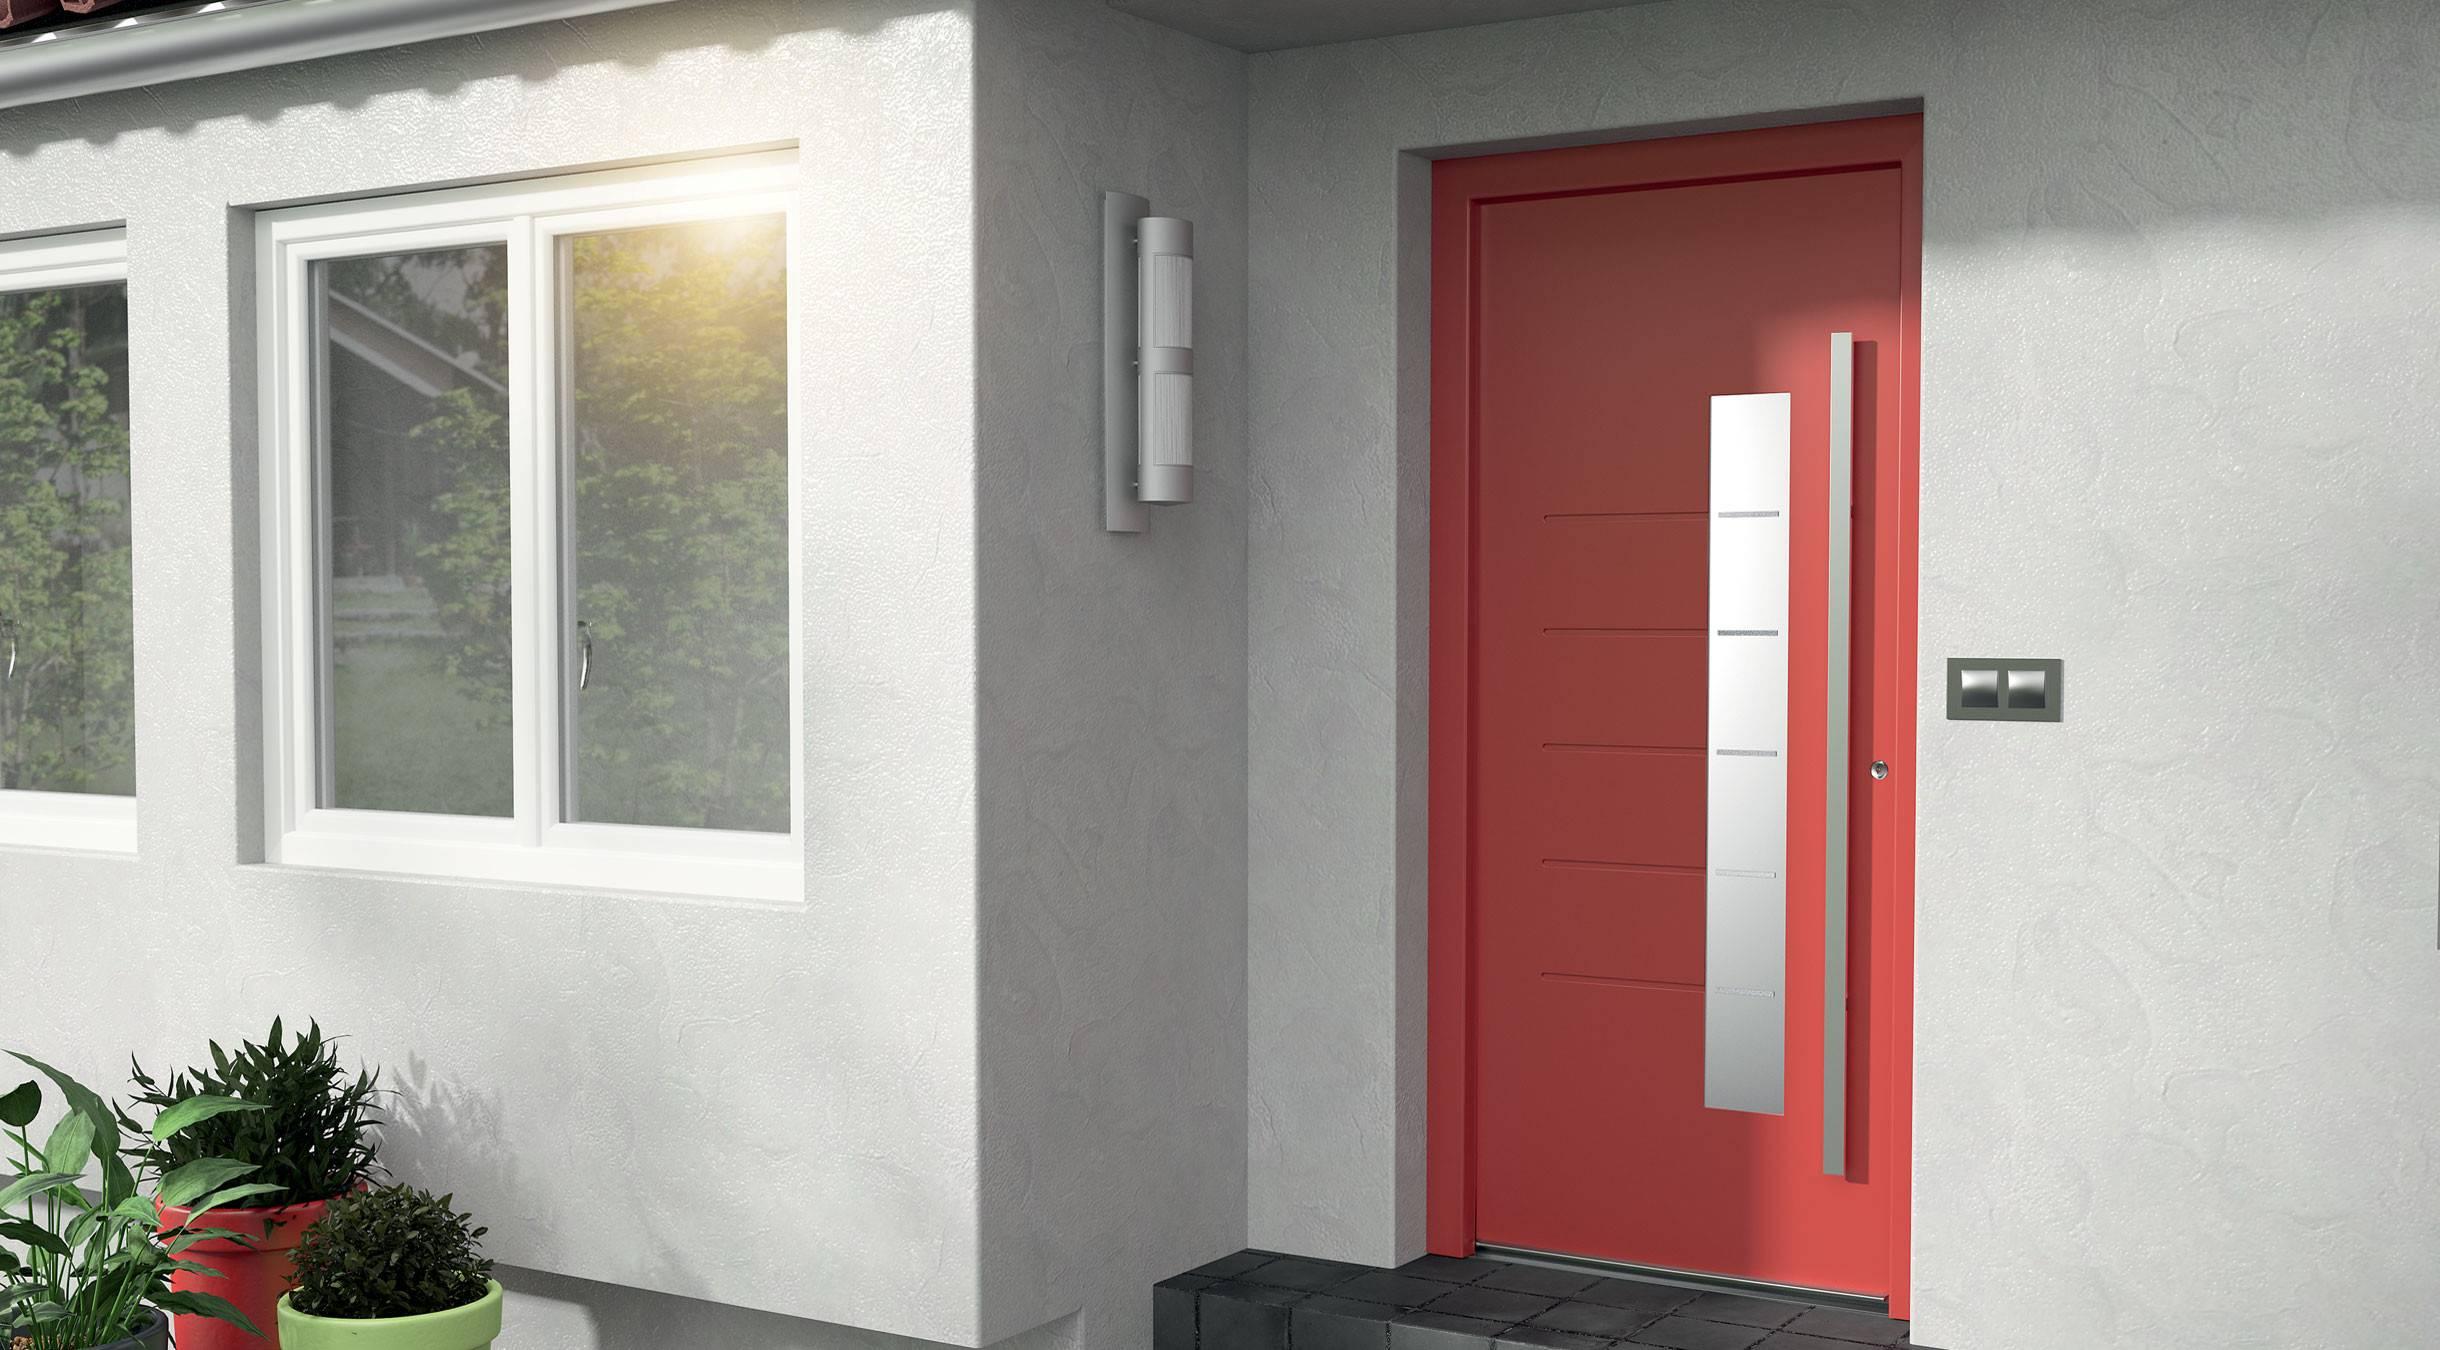 Sas D Entrée Interieur porte intérieure | portes entrée pvc | porte d'intérieur tryba